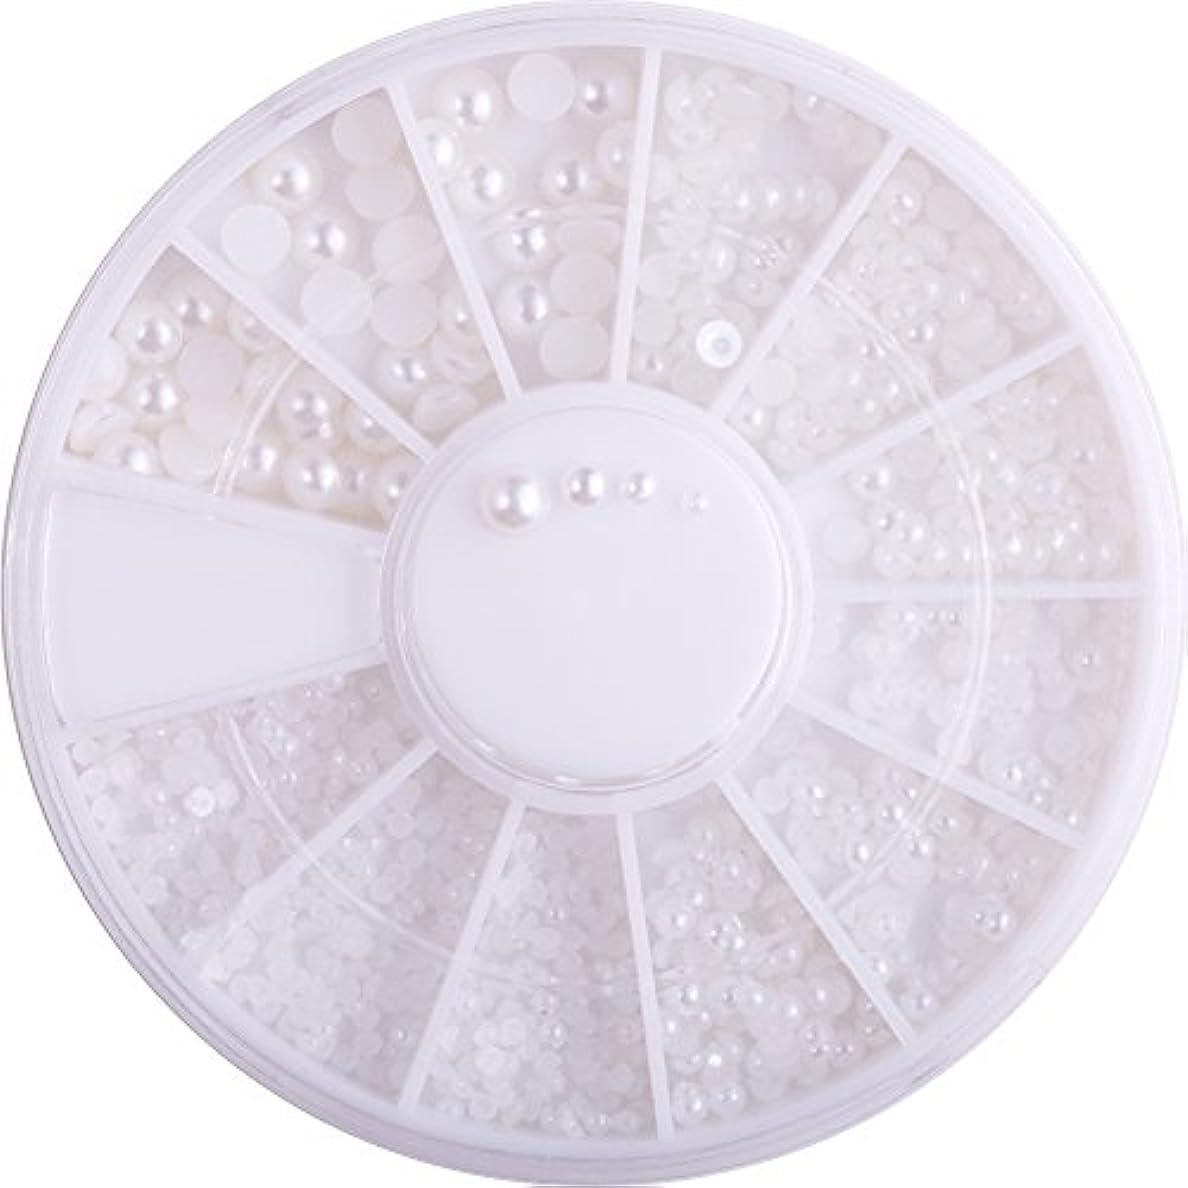 蒸気軽蔑わなユニークモール(UniqueMall)半円パール ホワイト ネイル デコ用 1.5mm,2mm,2.5mm,3mm ラウンドケース入 ネイルアートパーツ ネイル用品